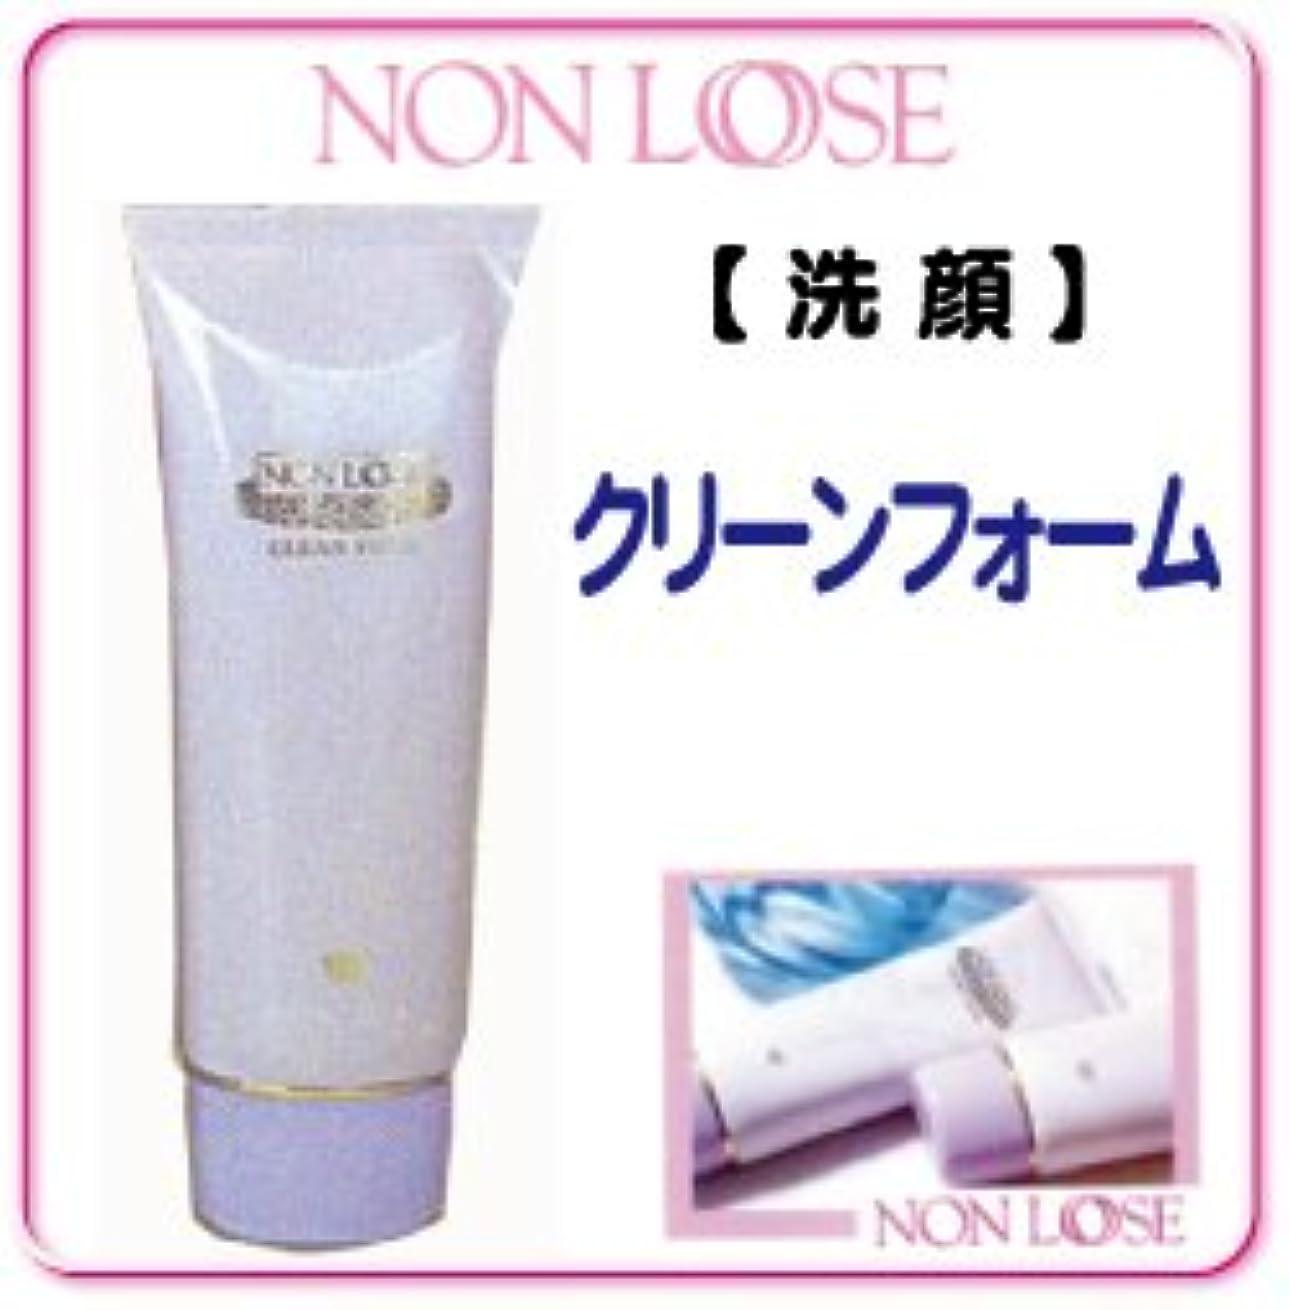 胚芽ガードベルマン化粧品 ノンル―ス クリーンフォーム 100g 【洗顔料】